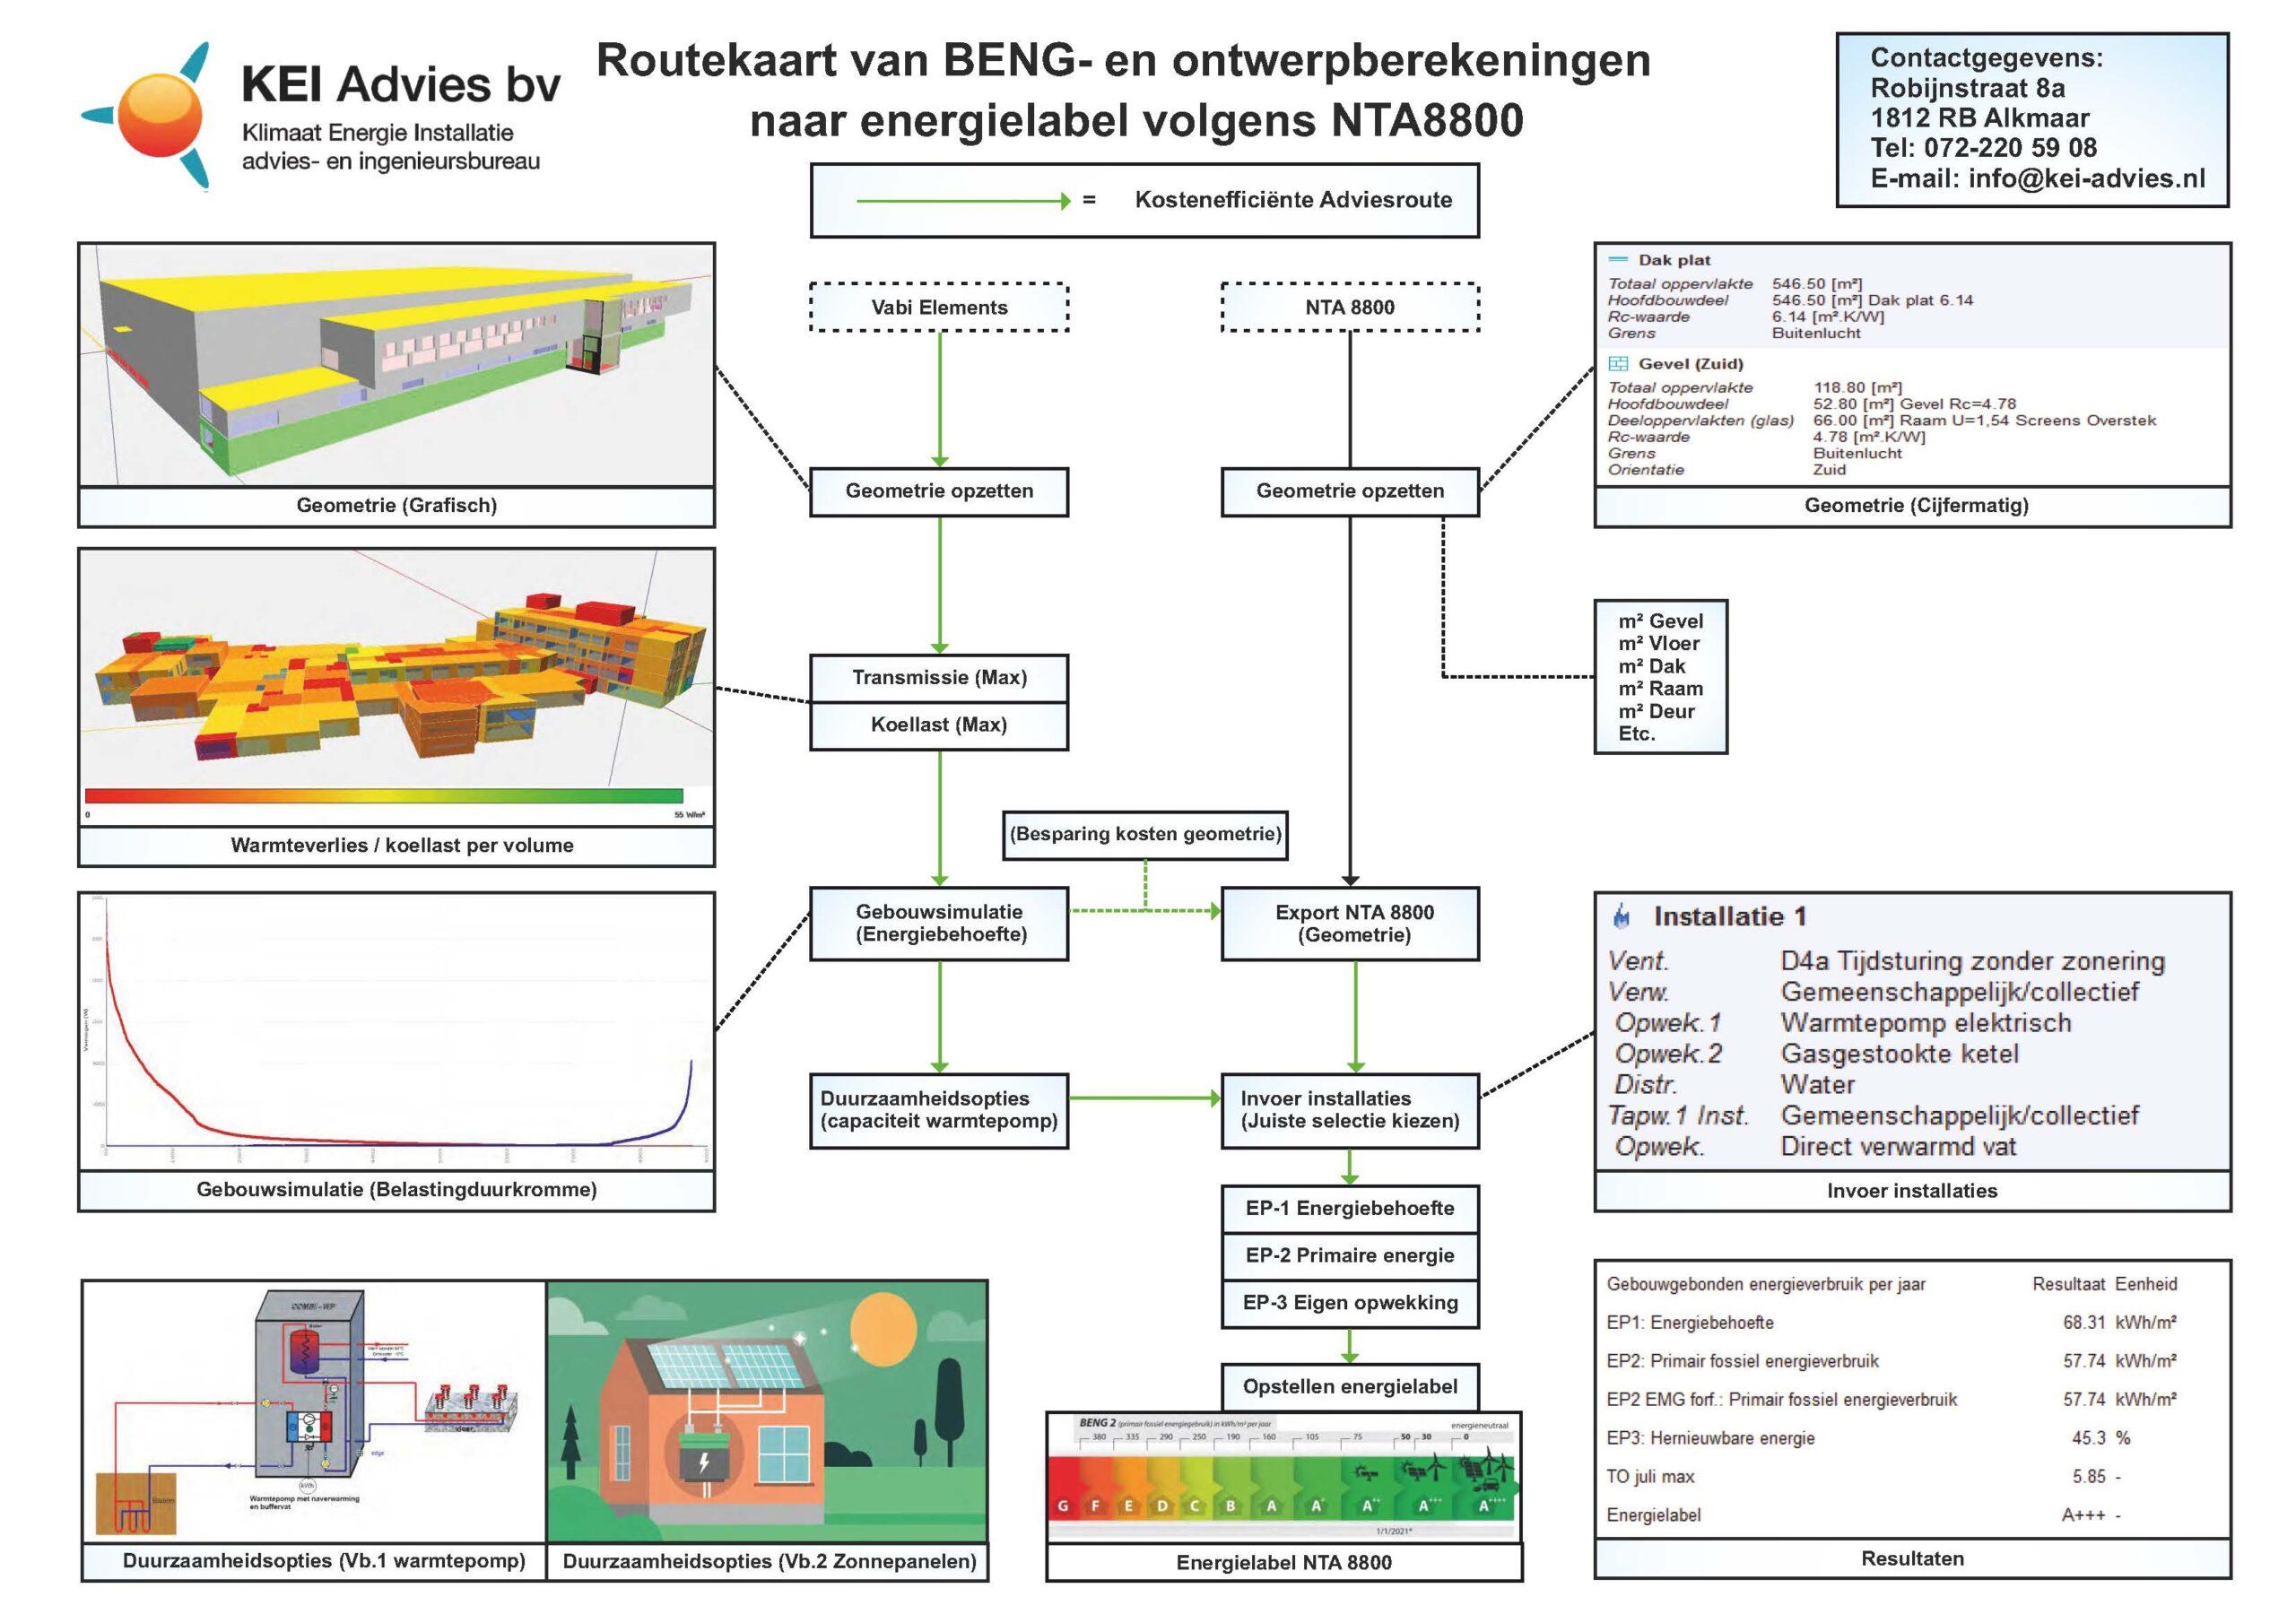 Routekaart BENG gebouw van NTA8800 naar Energielabel